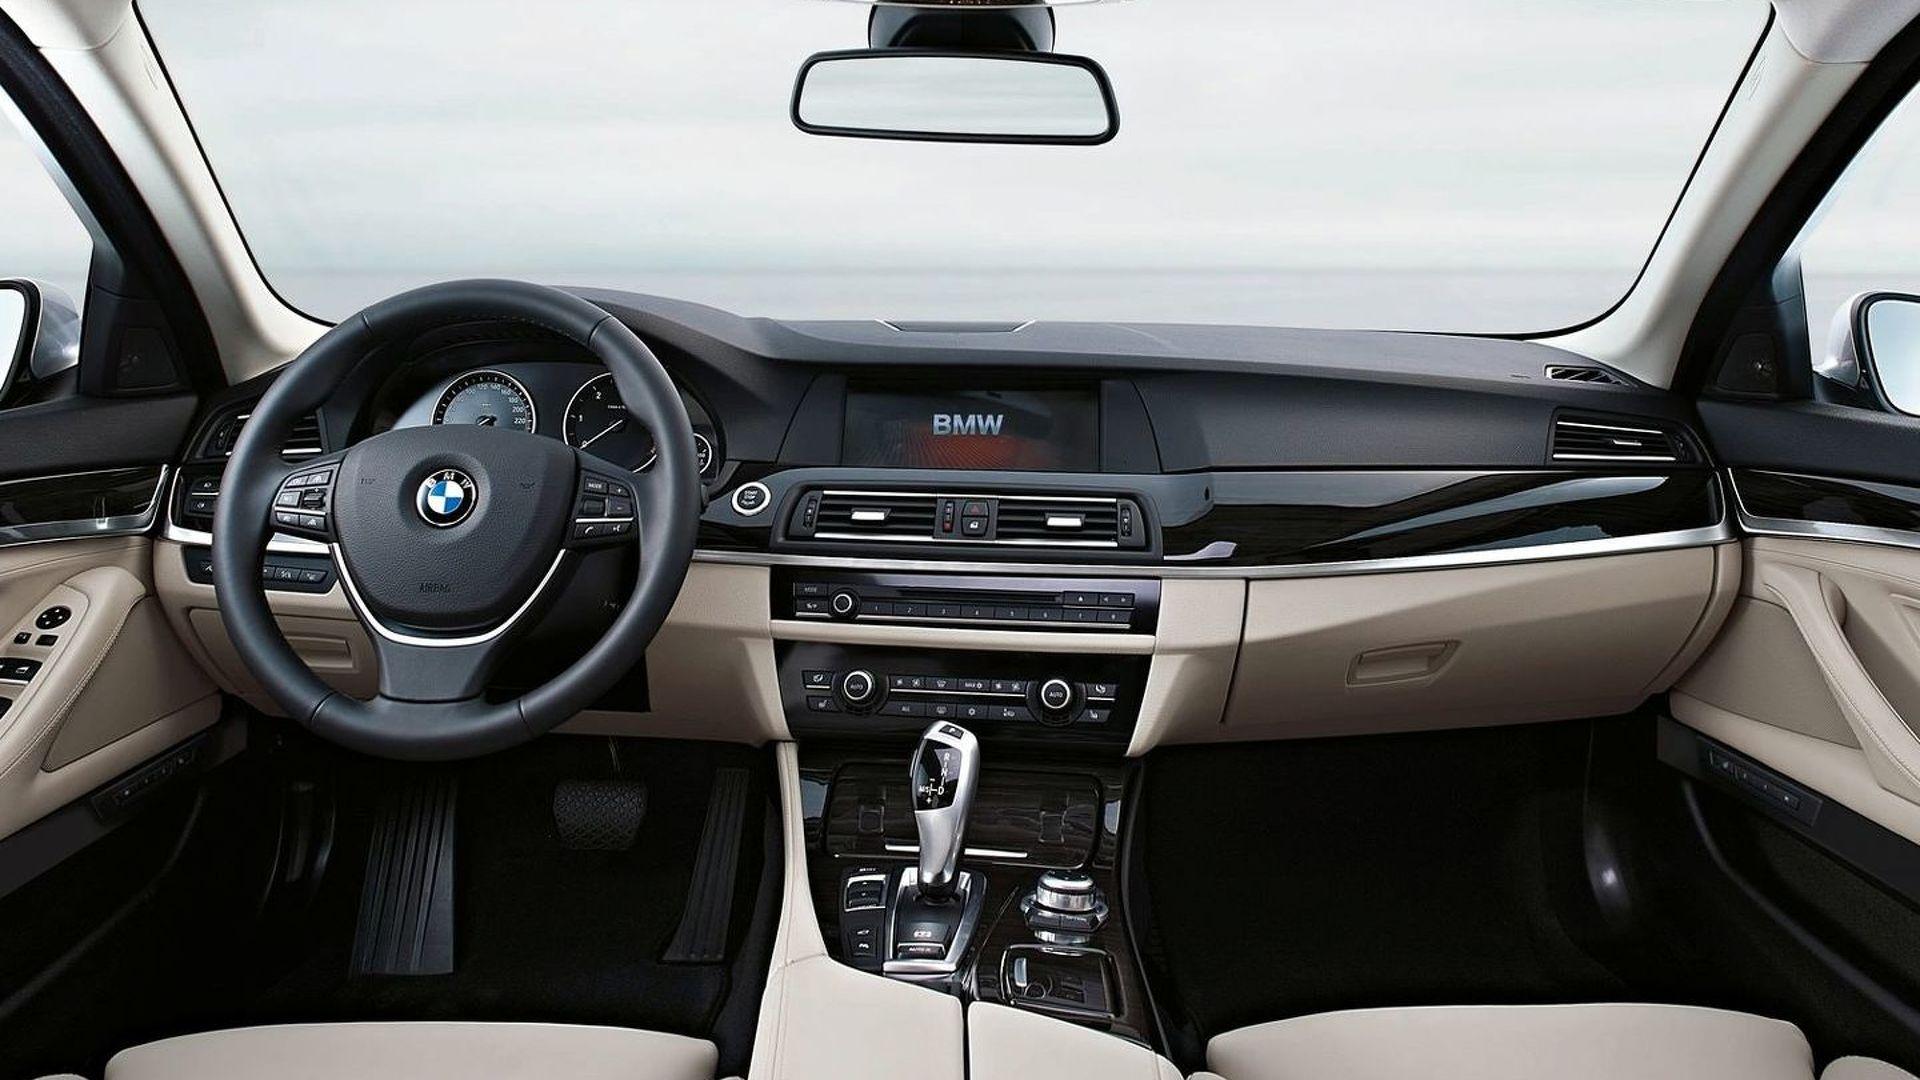 Nieuw 2011 BMW 5-Series F10 Sedan Revealed [Video] KM-35